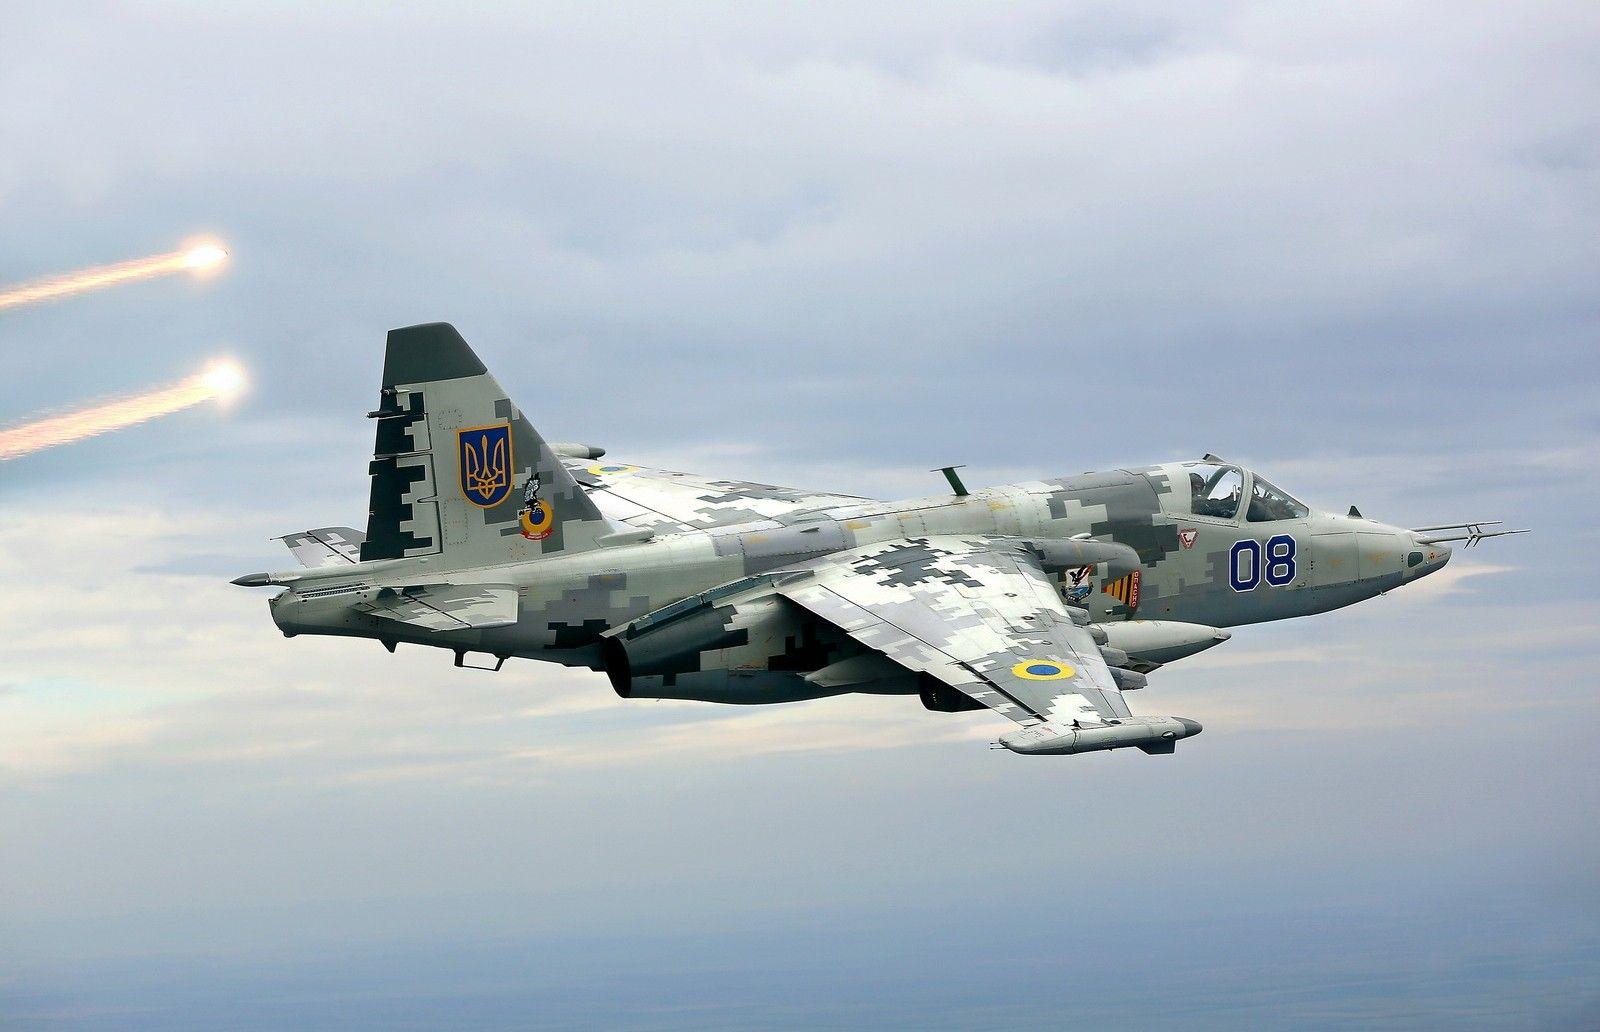 Українські Повітряні сили отримають 30 нових літаків / фото mil.gov.ua